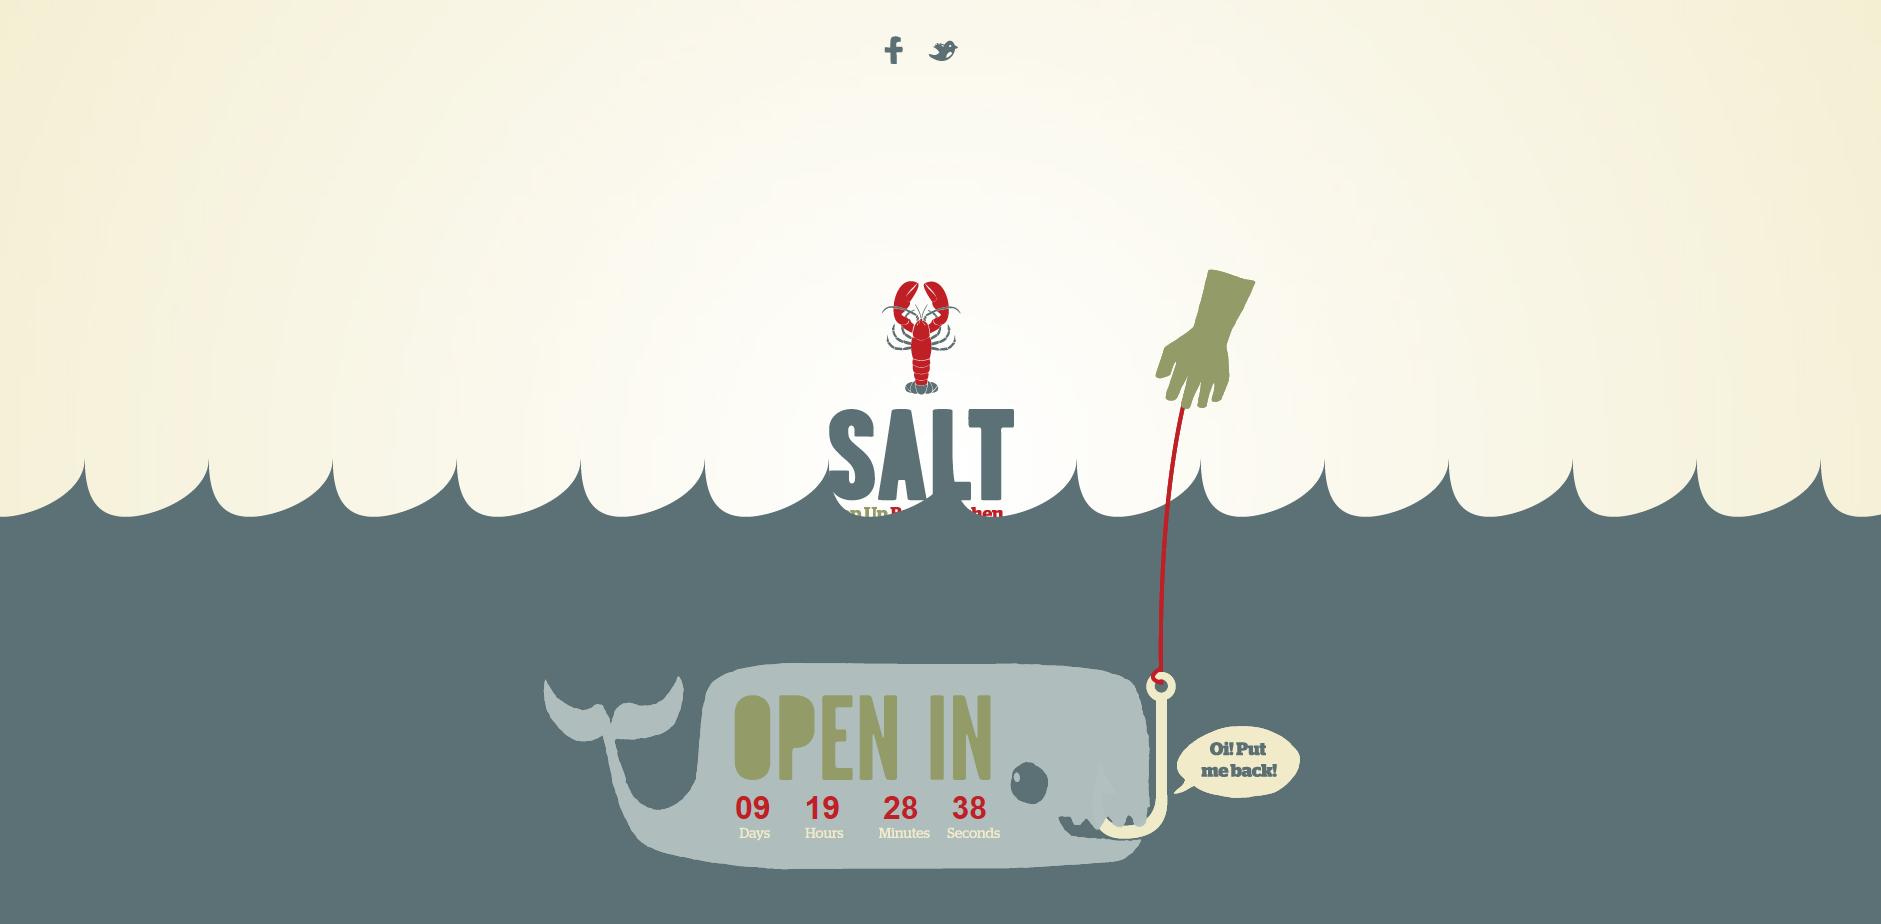 Salt Pop Up Bar Website Screenshot